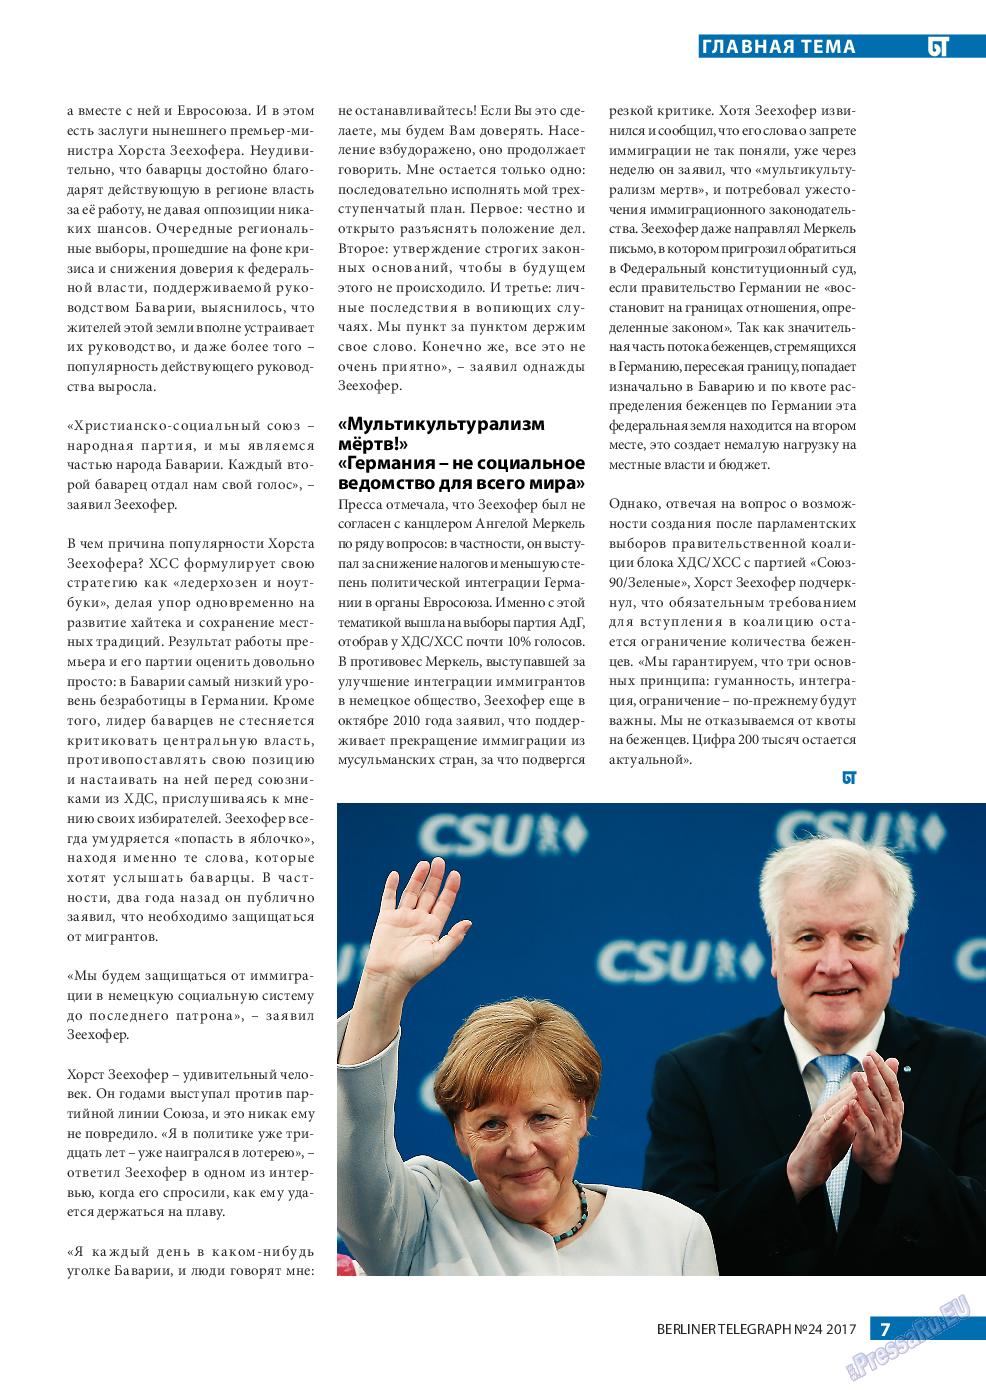 Берлинский телеграф (журнал). 2017 год, номер 24, стр. 7